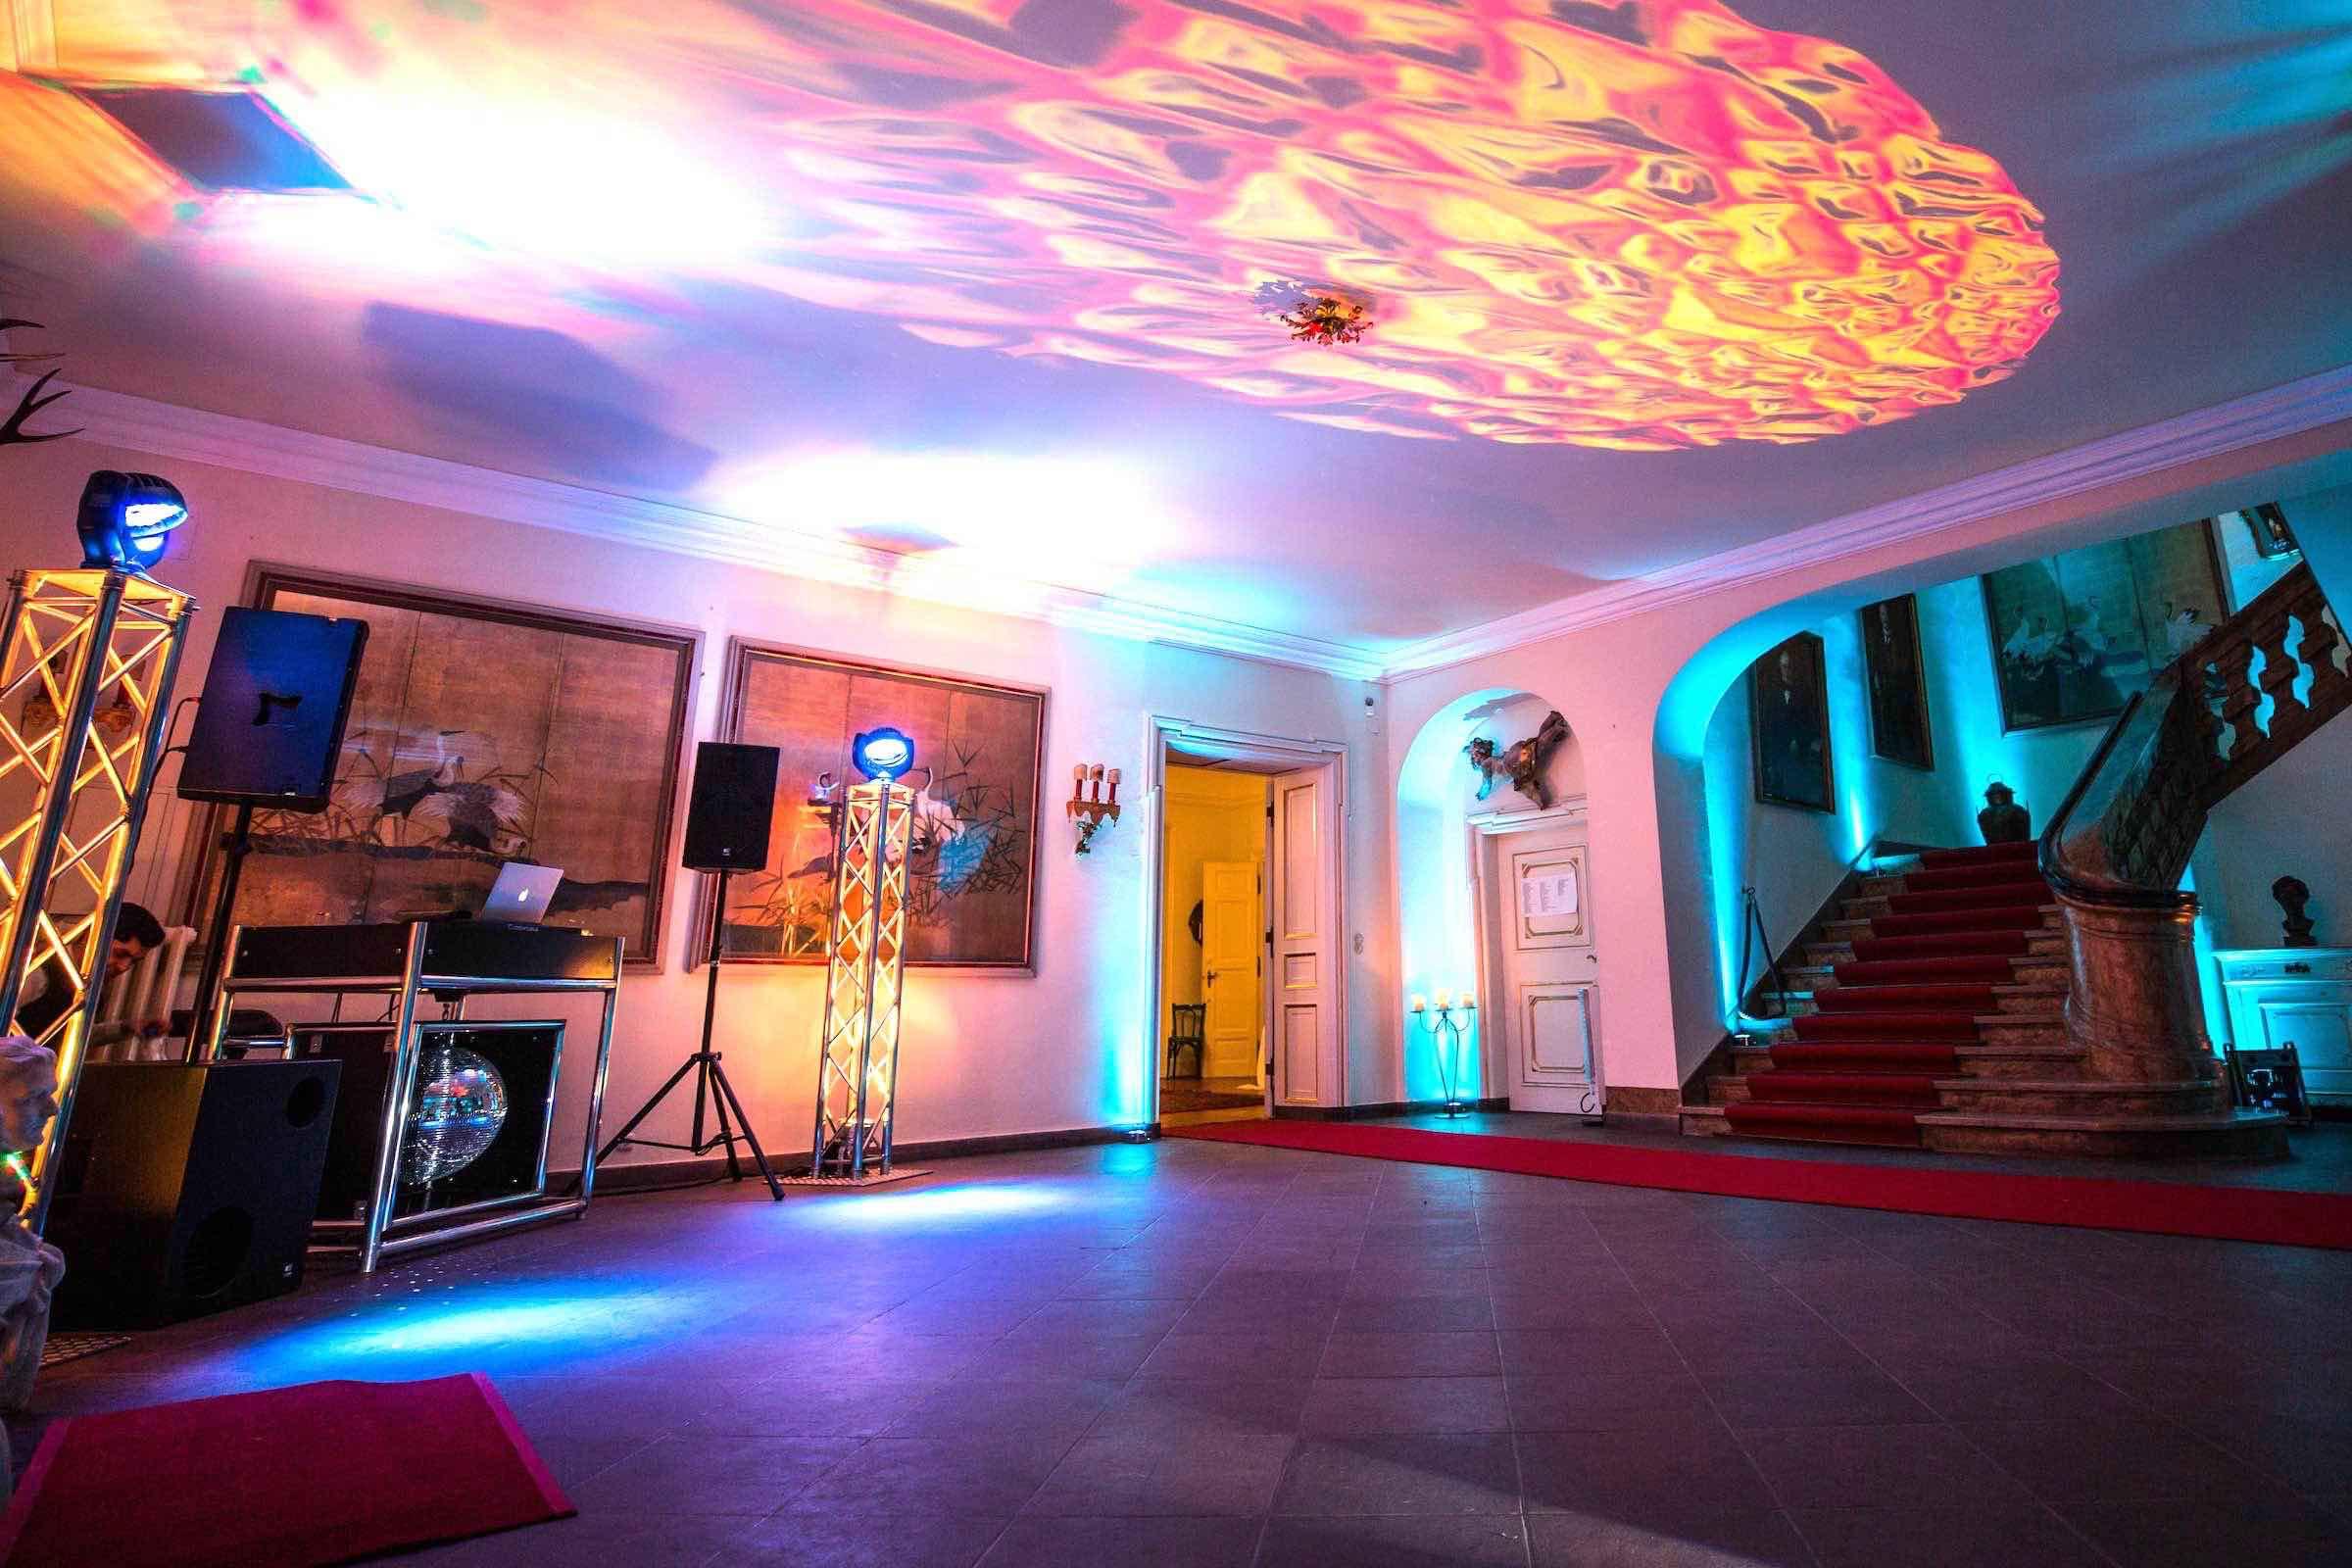 DJ | Hamburg | Technik | Lautsprecher | Ambiente | Beleuchtung | Hochzeit | Geburtstag | DJ | Messe | DJ | Firmenevent | Firmenfeier | DJ | Geburtstag | DJ | Weihnachtsfeier | DJ | Sommerfest | Buchen | Hamburgfeiert